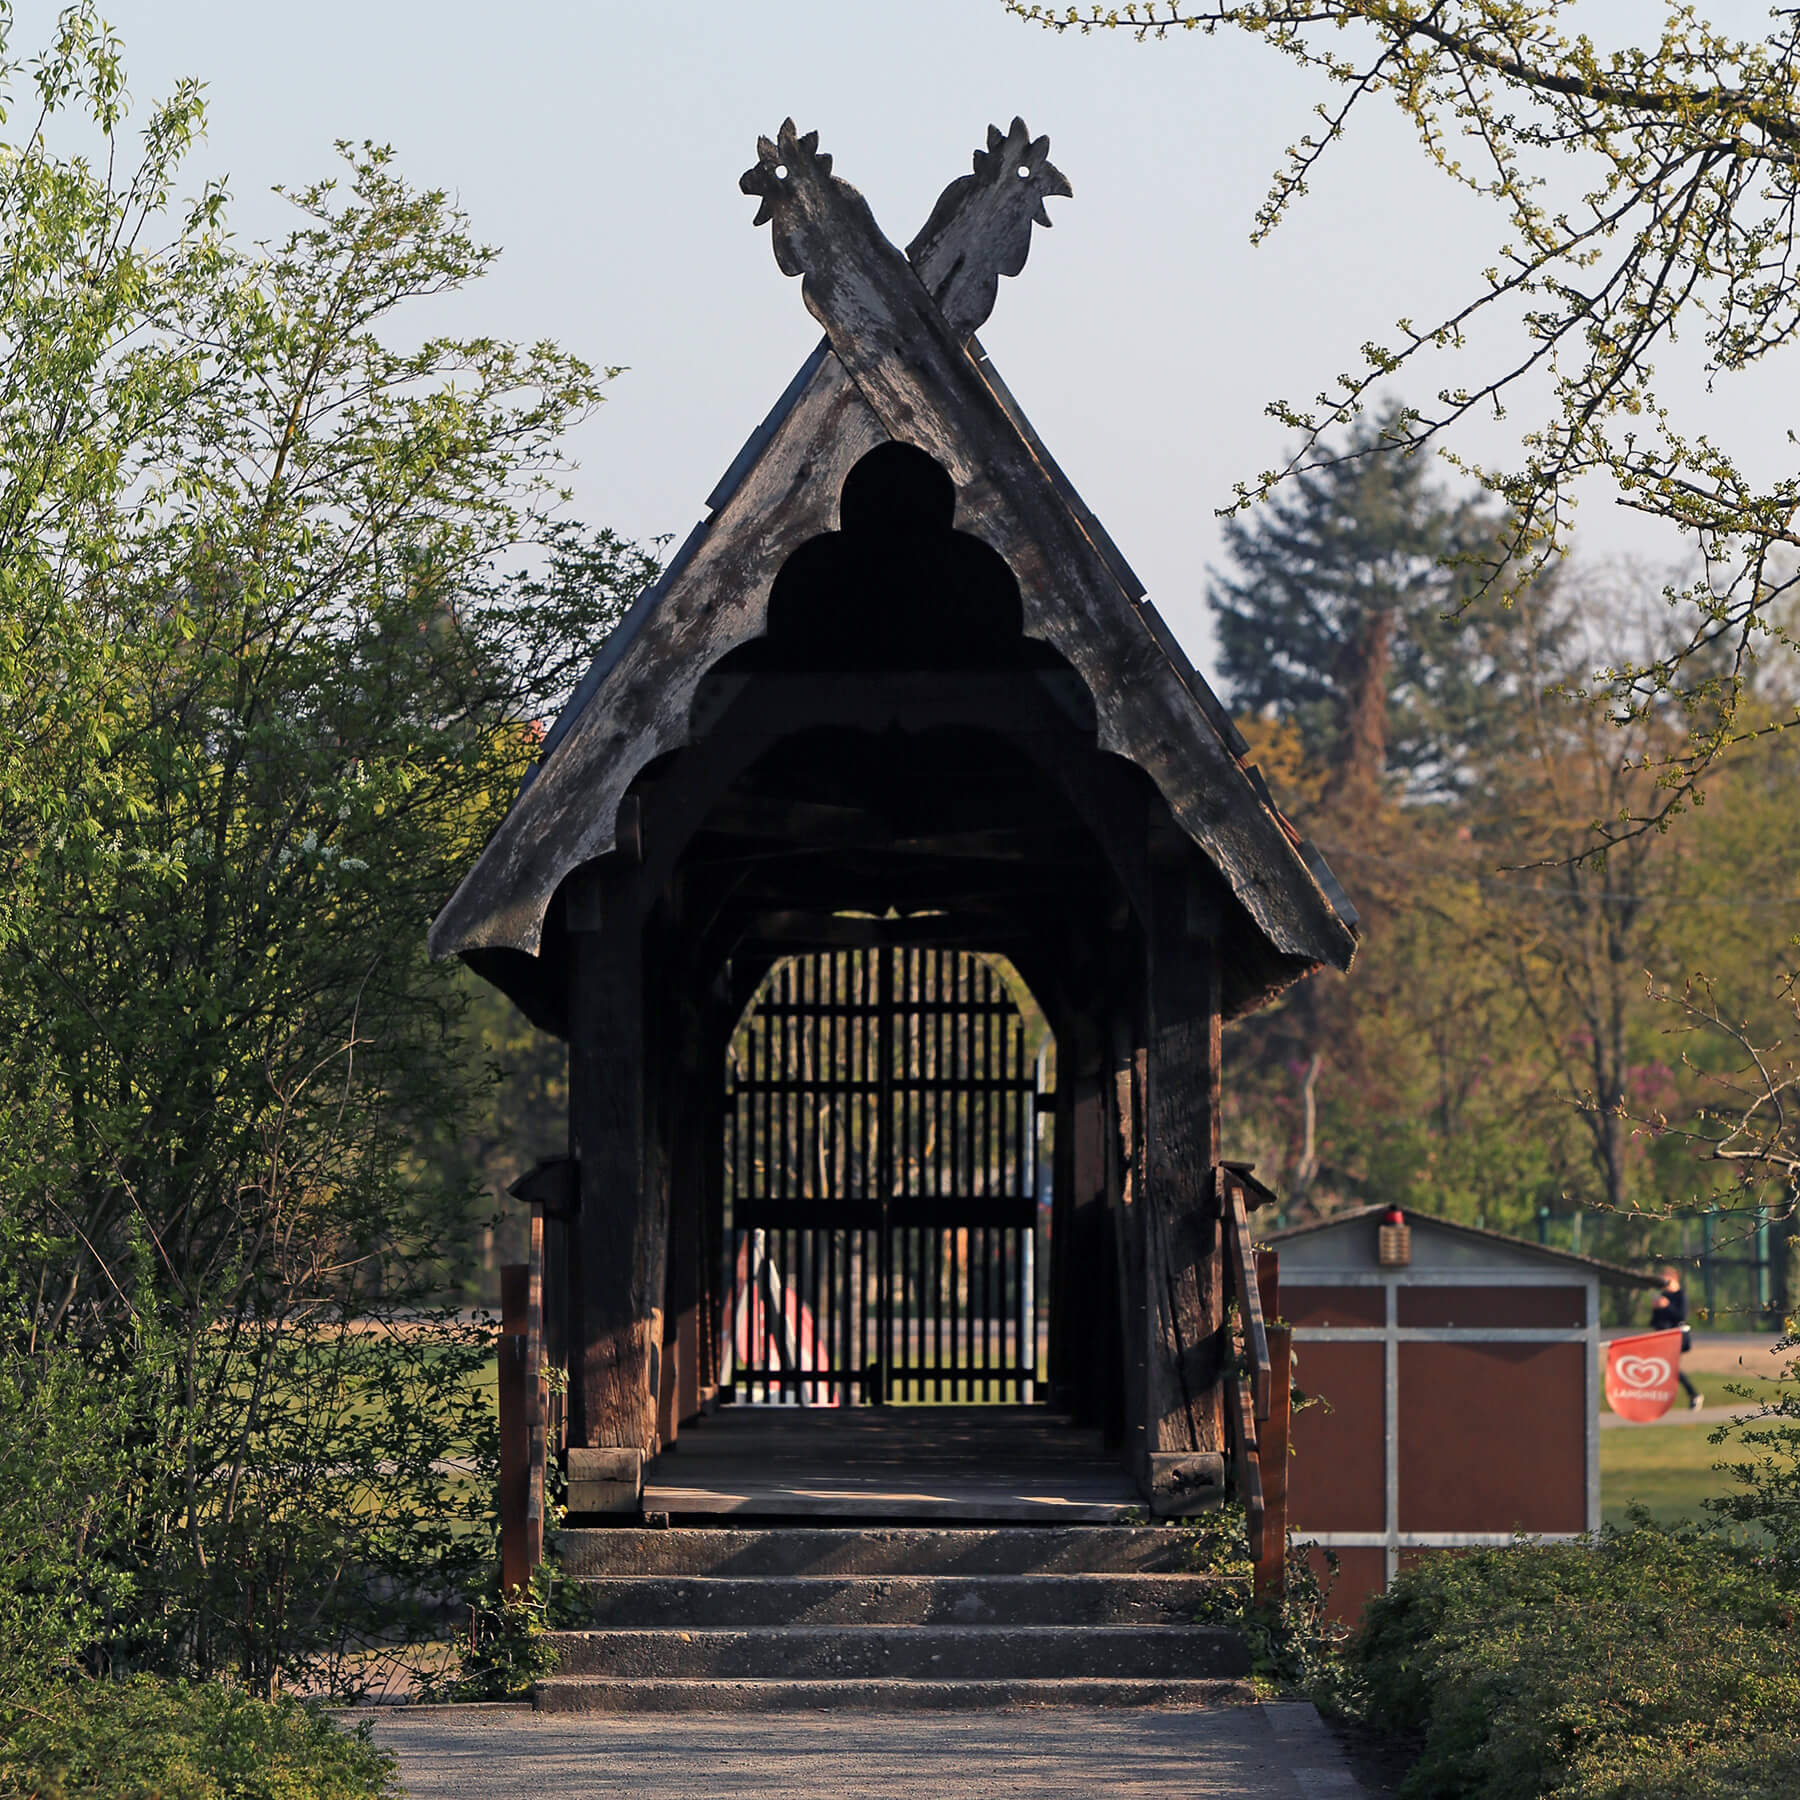 Barbara Jäger OMI Riesterer Gemeinsame öffentliche Werke Überdachte Holzbrücke Günther Klotz Anlage Karlsruhe